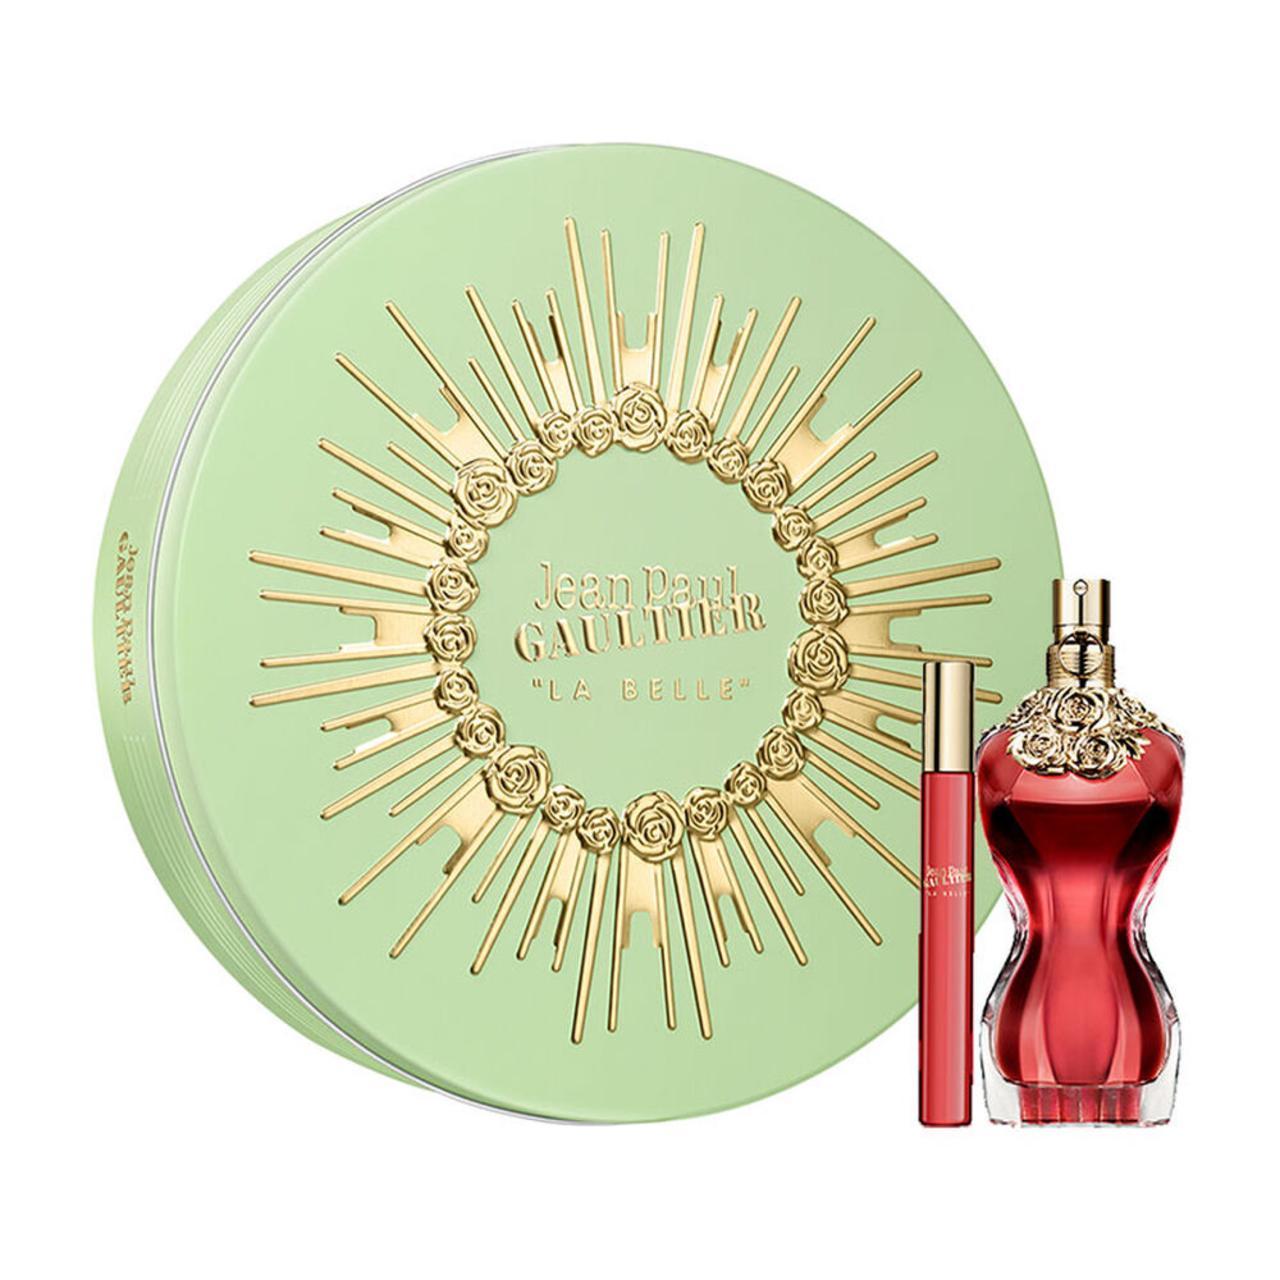 La Belle Eau de Parfum frá Jean Paul Gaultier, 14.399 …